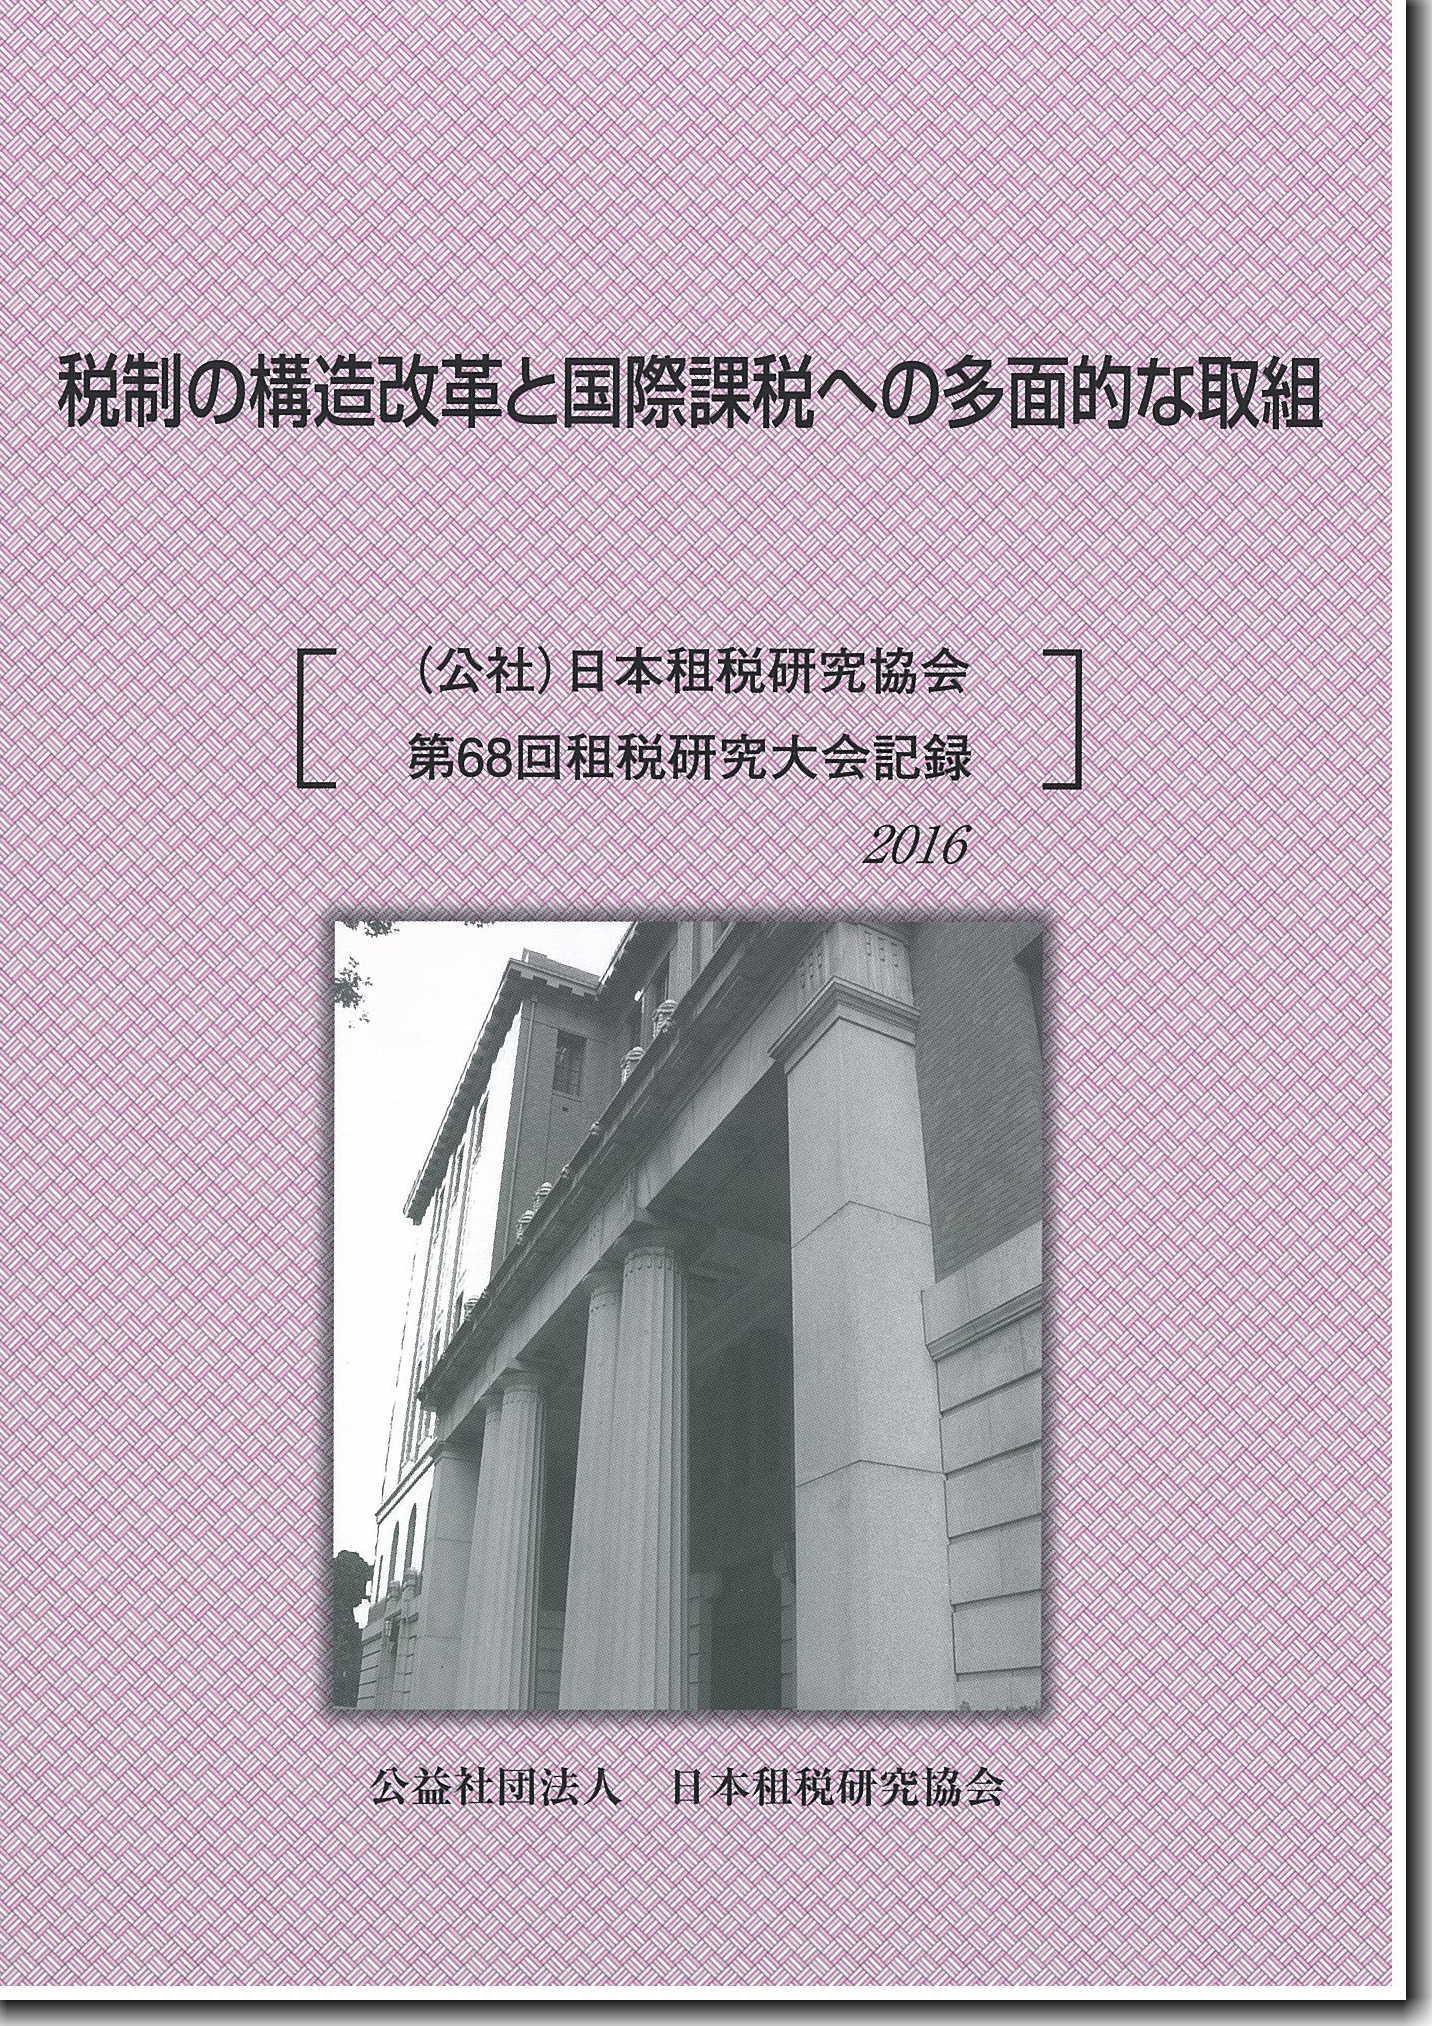 税制の構造改革と国際課税への多面的な取組 [(公社)日本租税研究協会第68回租税研究大会記録 2016]